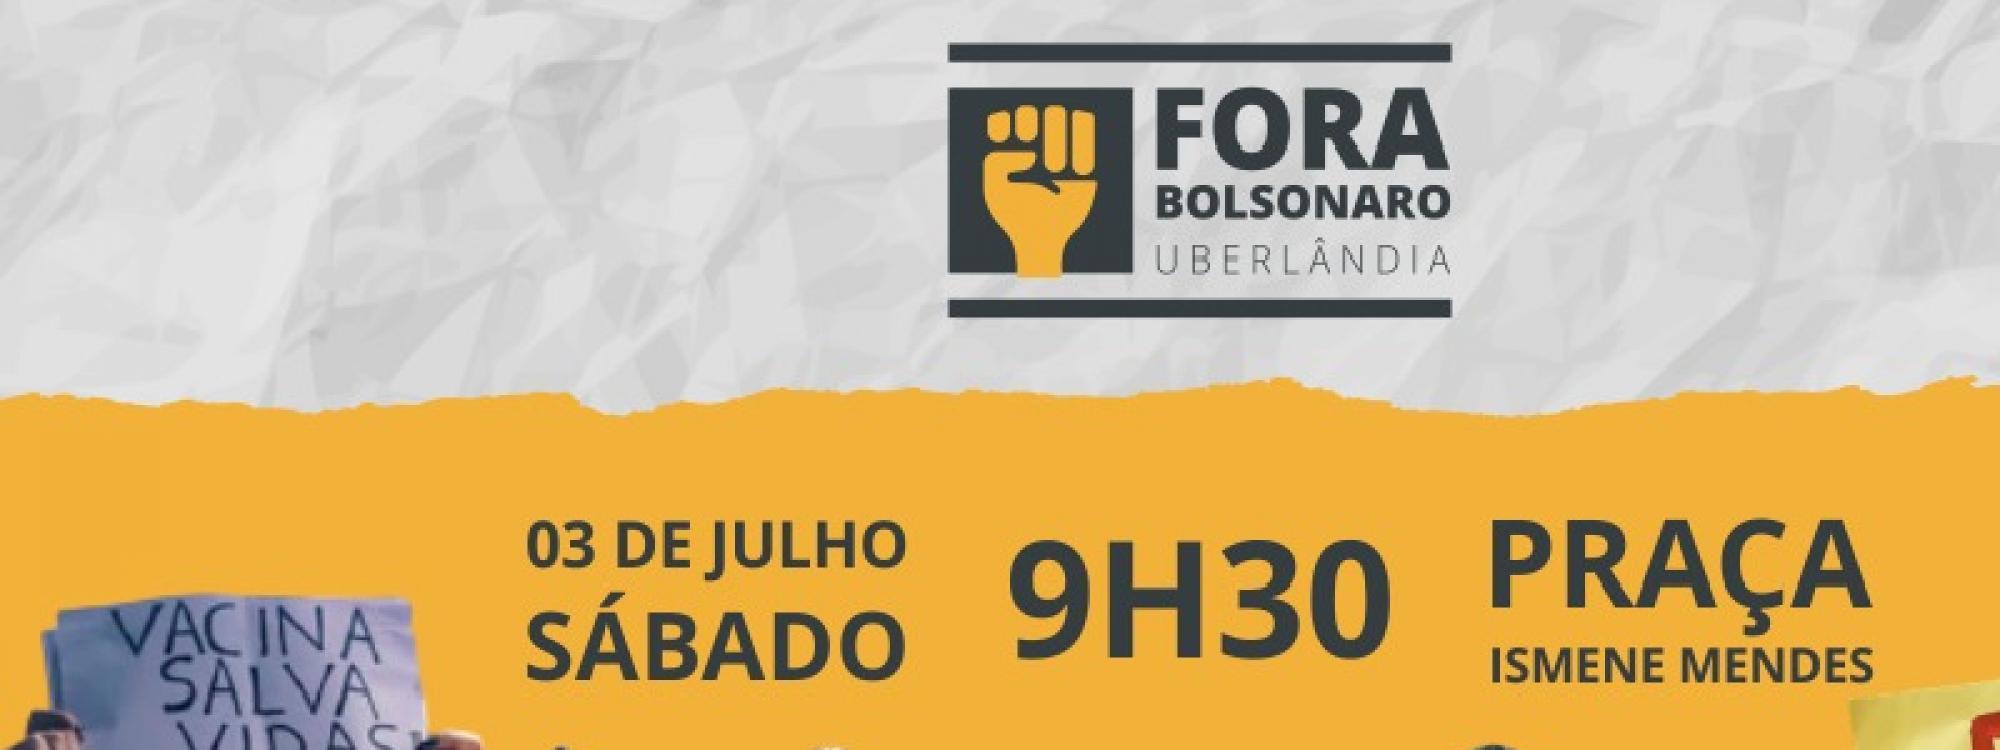 Uberlândia vai às ruas pelo Fora Bolsonaro, mais uma vez, no próximo sábado, 3